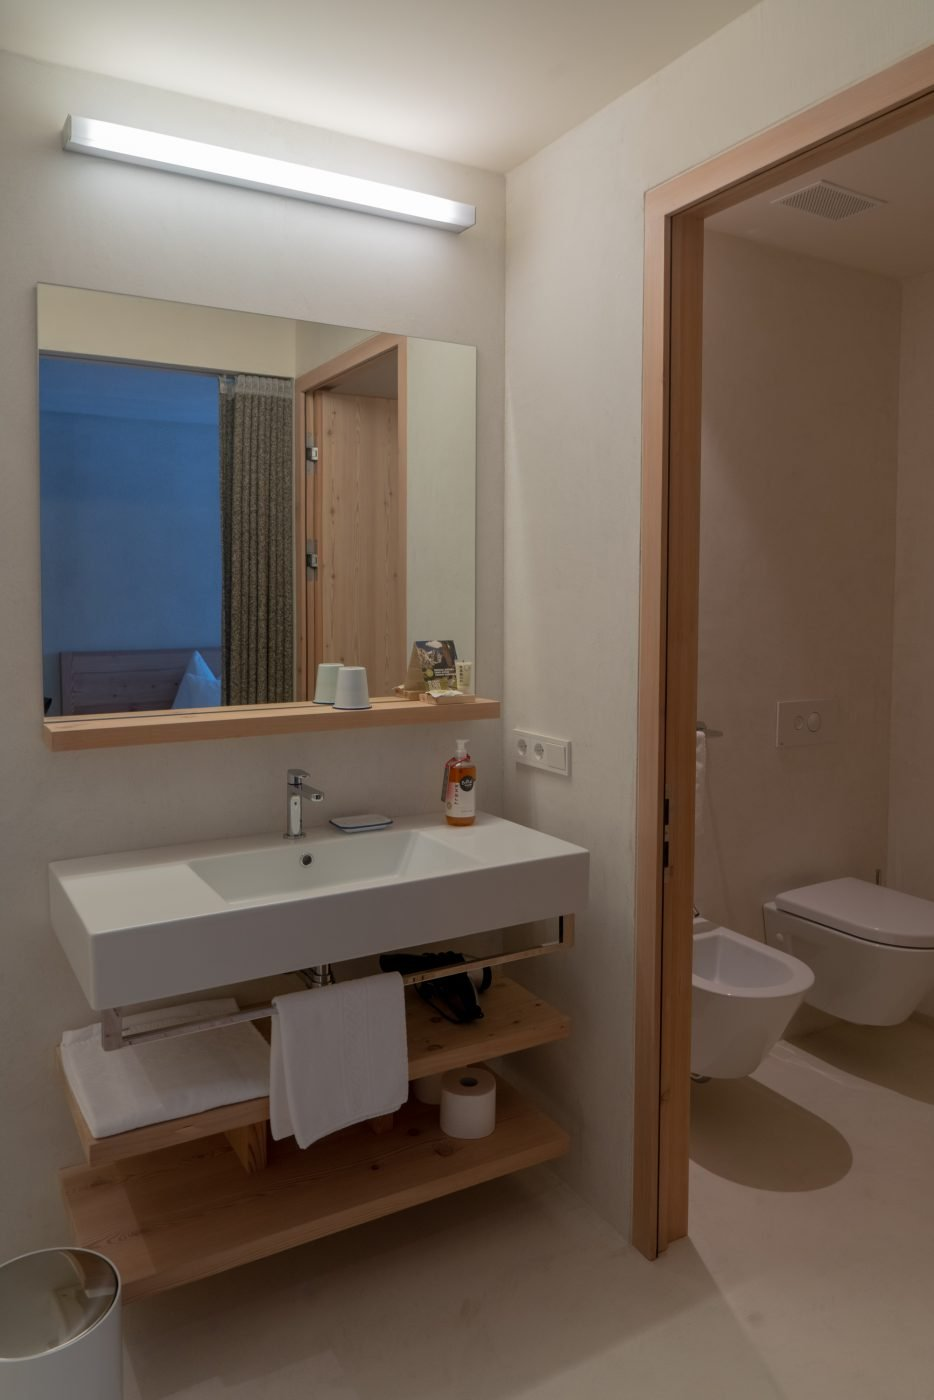 Bathroom from Hotel Bühelwirt in Ahrntal, South Tyrol